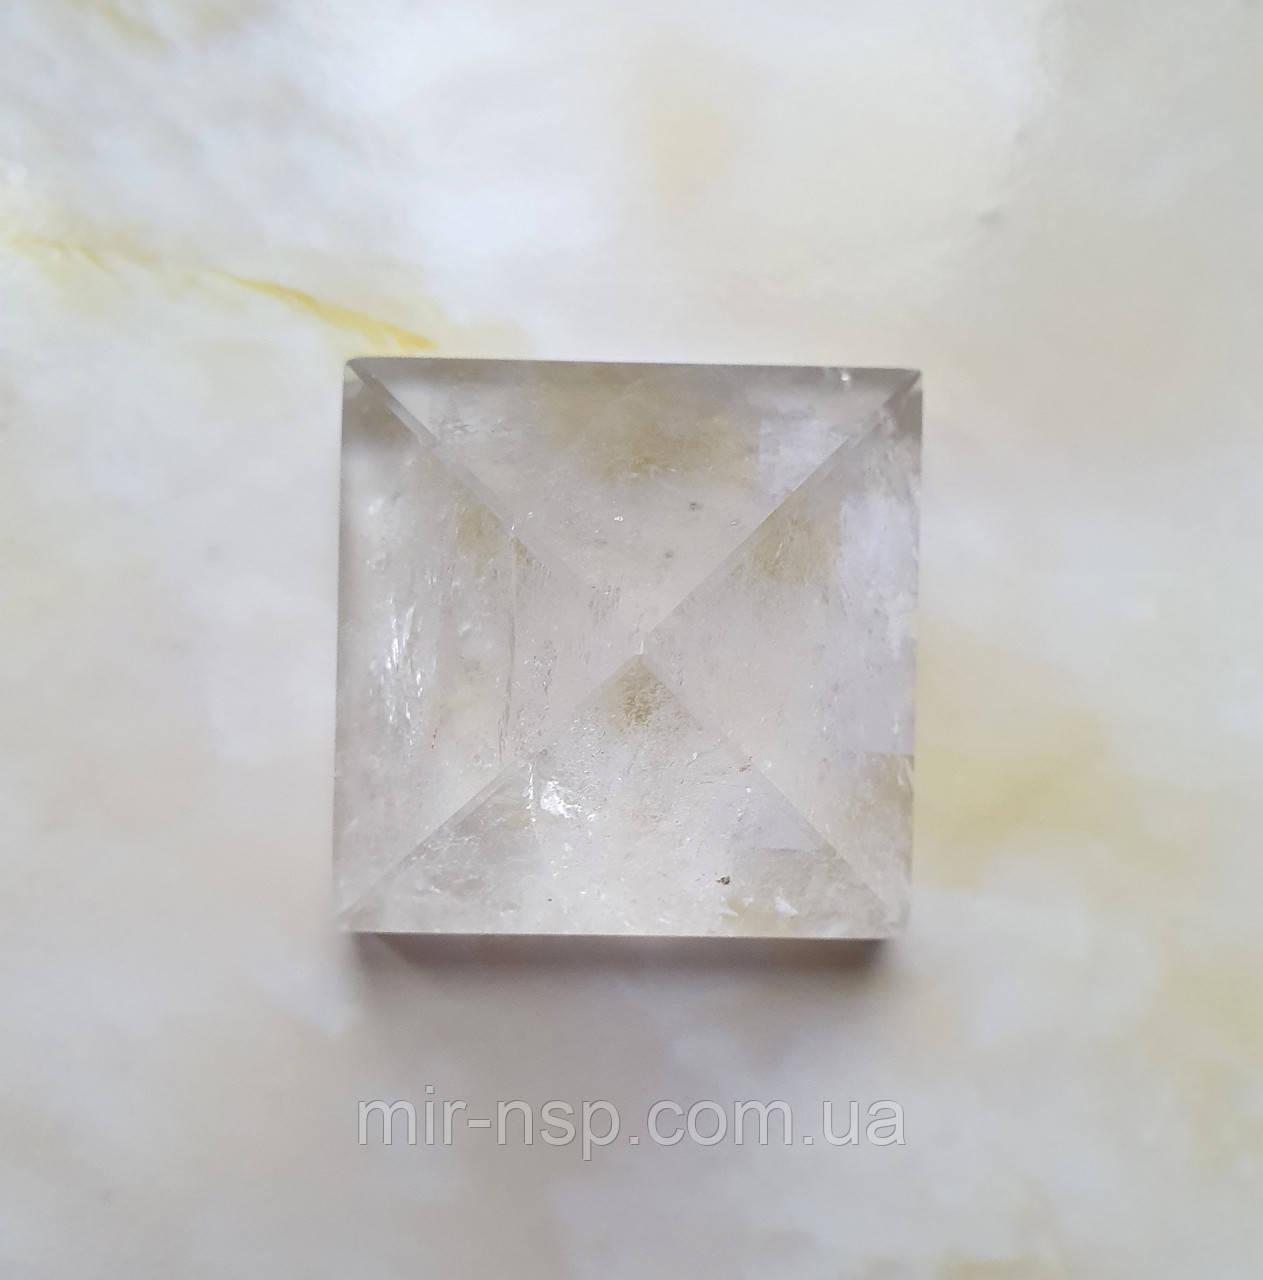 Пирамида из натурального горного хрусталя вес 97г